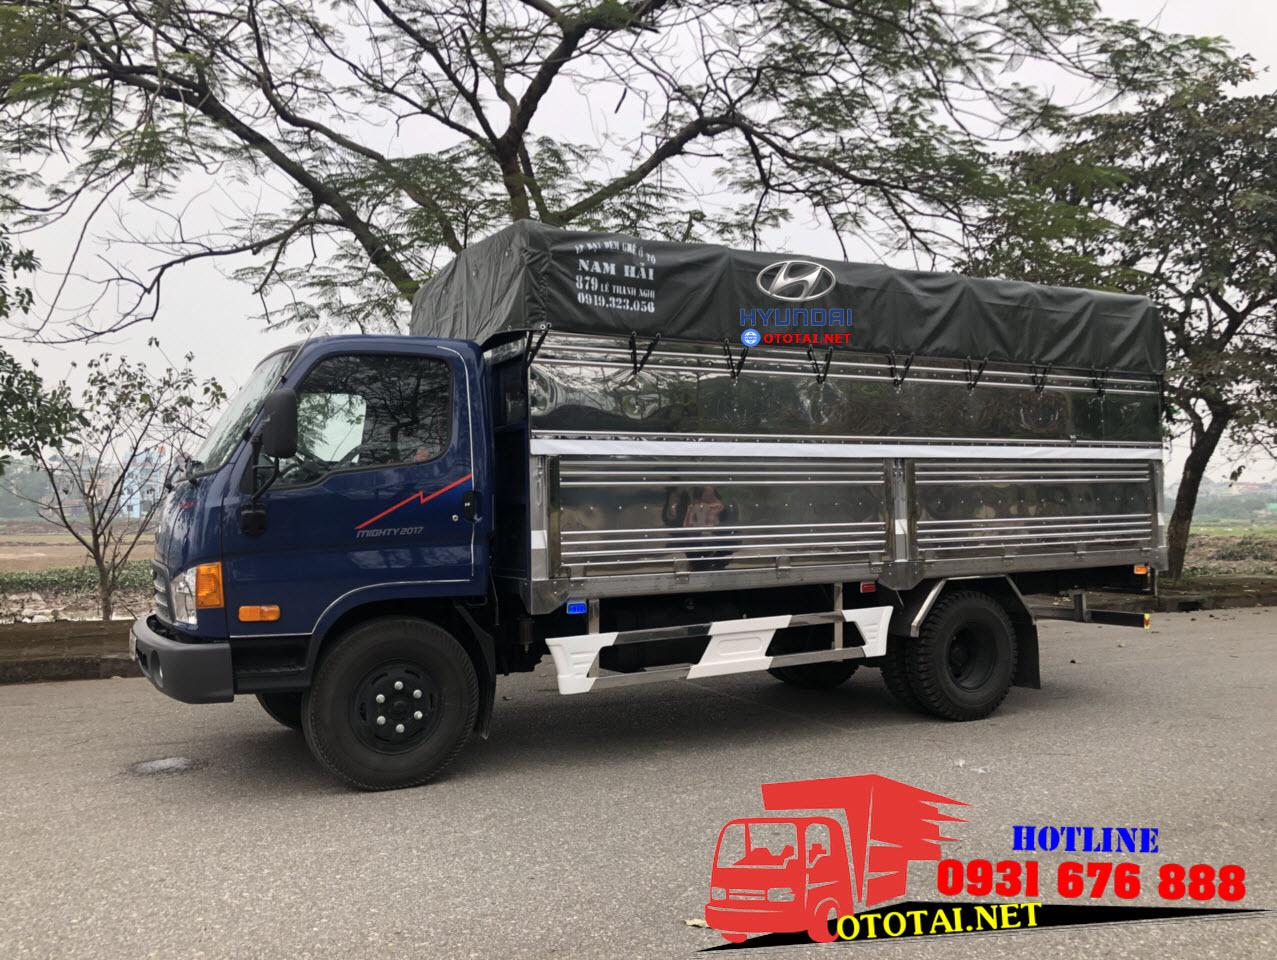 xe tải hyundai mighty 2017 8 tấn thành công